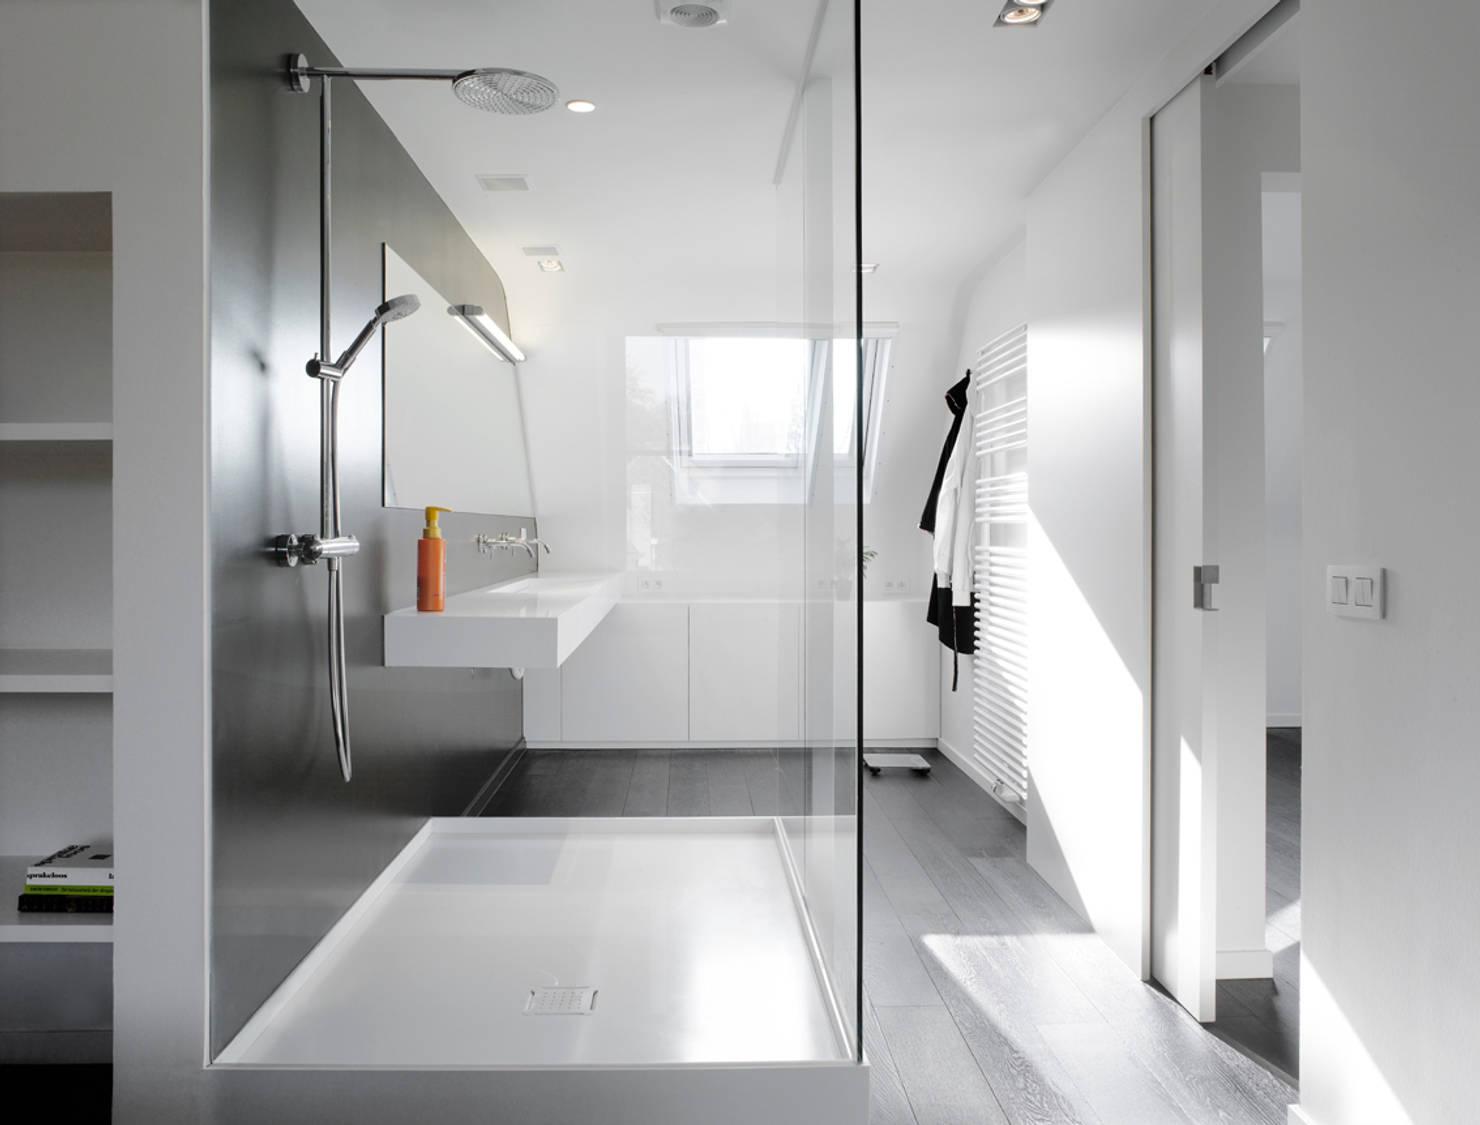 지긋지긋한 화장실 청소, 쉽게 하는 방법 7